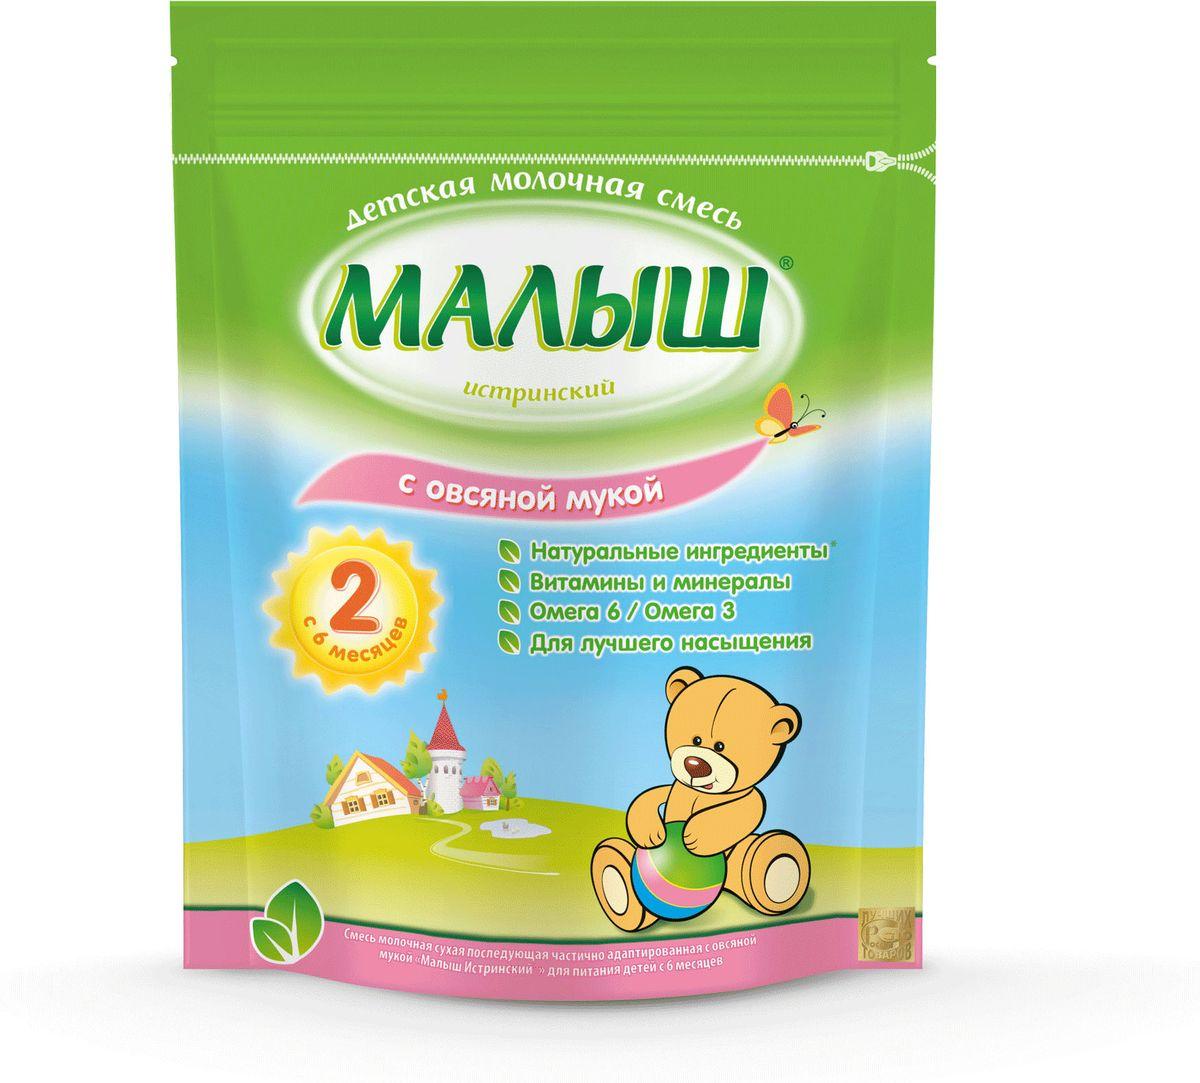 Малыш Истринский молочная смесь с овсяной мукой, с 6 месяцев, 350 г4600209003237Молочная смесь Малыш Истринский с овсяной мукой с 6 мес. 350 г Молочная смесь Малыш Истринский с овсяной мукой - молочная сухая последующая частично адаптированная смесь. Содержит все необходимые витамины, минералы и полезные вещества, которые непосредственно влияют на развитие малыша. Состав обогащен овсяной мукой, благодаря которой смесь обладает выраженным питательным и насыщающим эффектом. Именно поэтому она хорошо утоляет голод и подходит для малышей, которые стали хуже выдерживать промежутки между кормлениями. Овсяная мука питательна и богата витаминами группы В, а также калием и магнием. Она мягко обволакивает слизистую желудка и помогает работе кишечника, облегчая процесс пищеварения малыша.